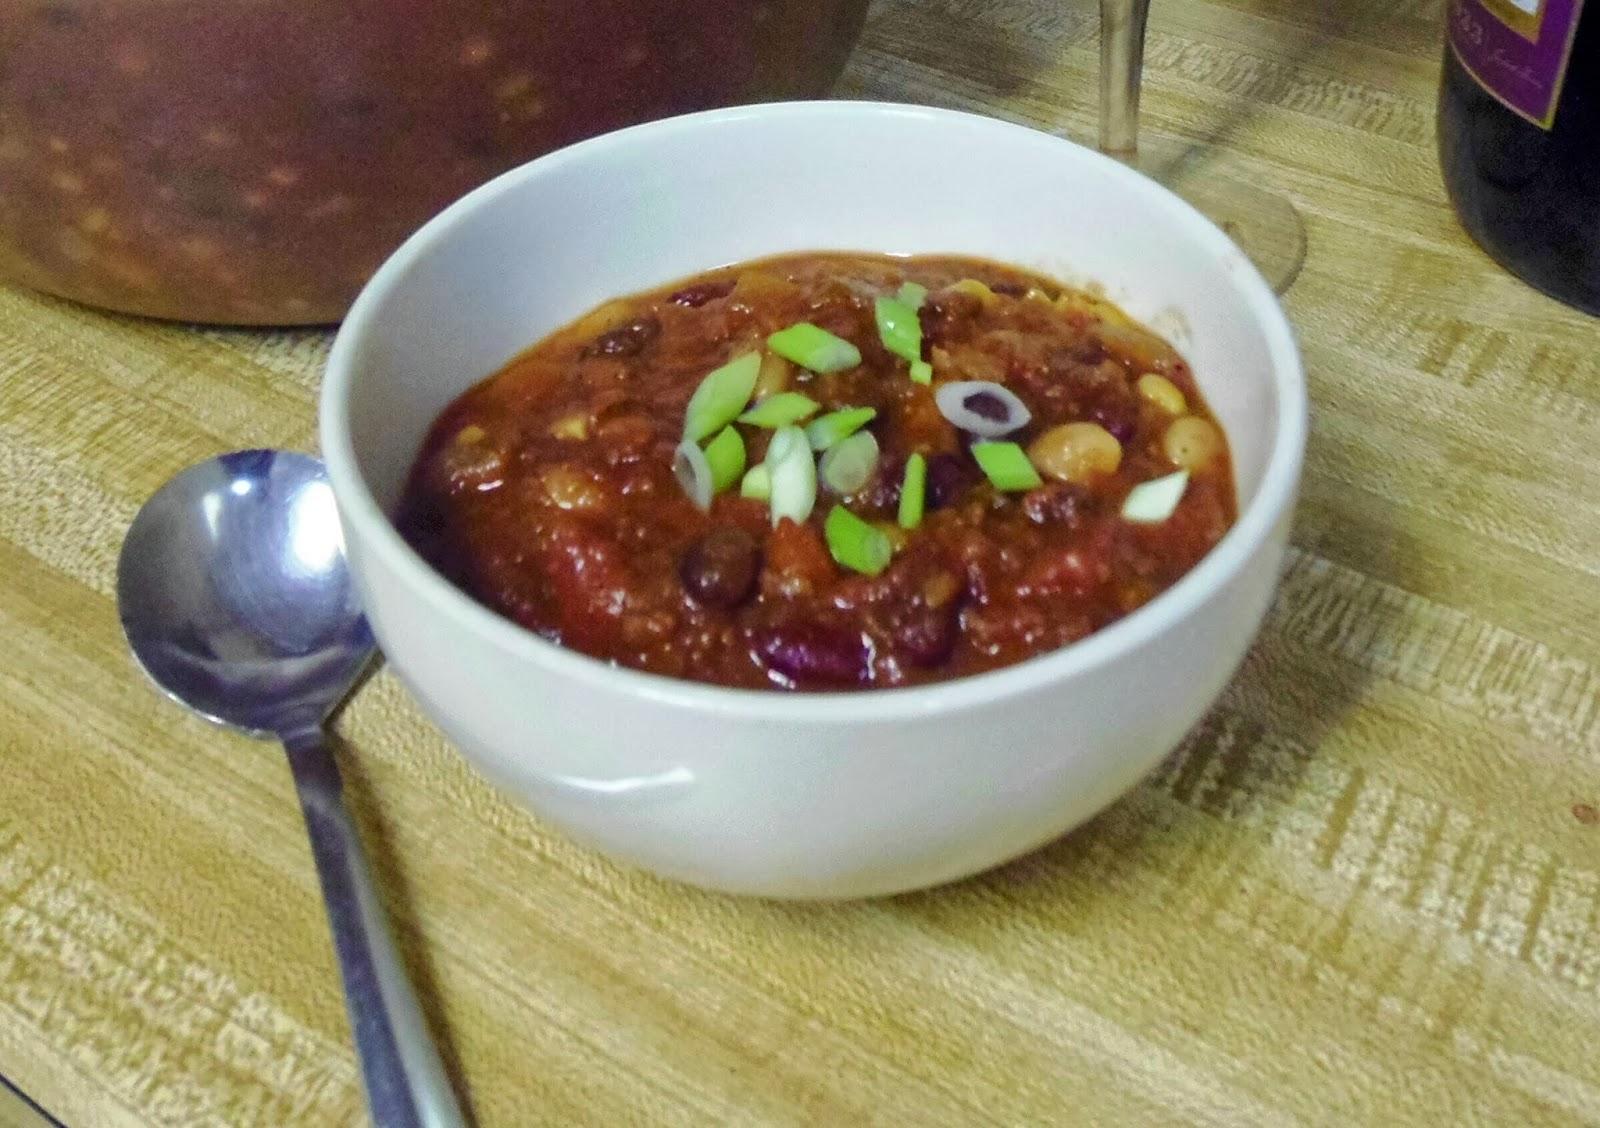 5 bean chili